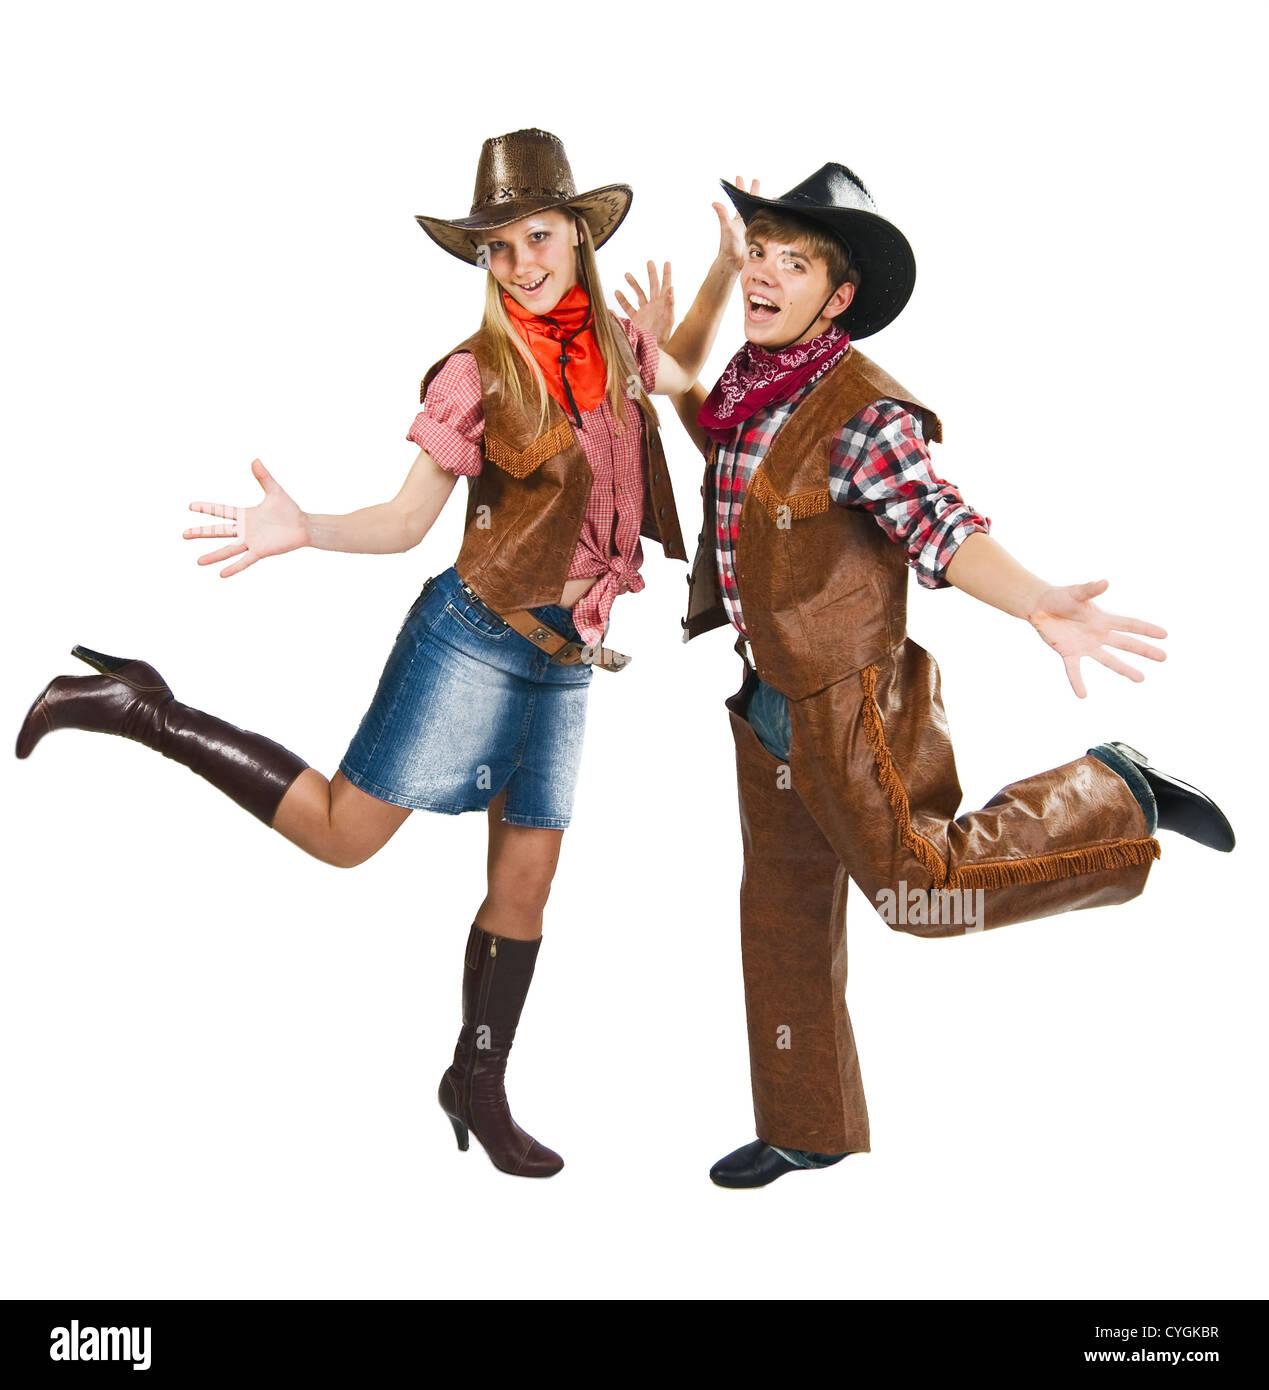 Cowboy Mit Cowgirl Aufgeregt Brautpaar Tanzen Auf Wei